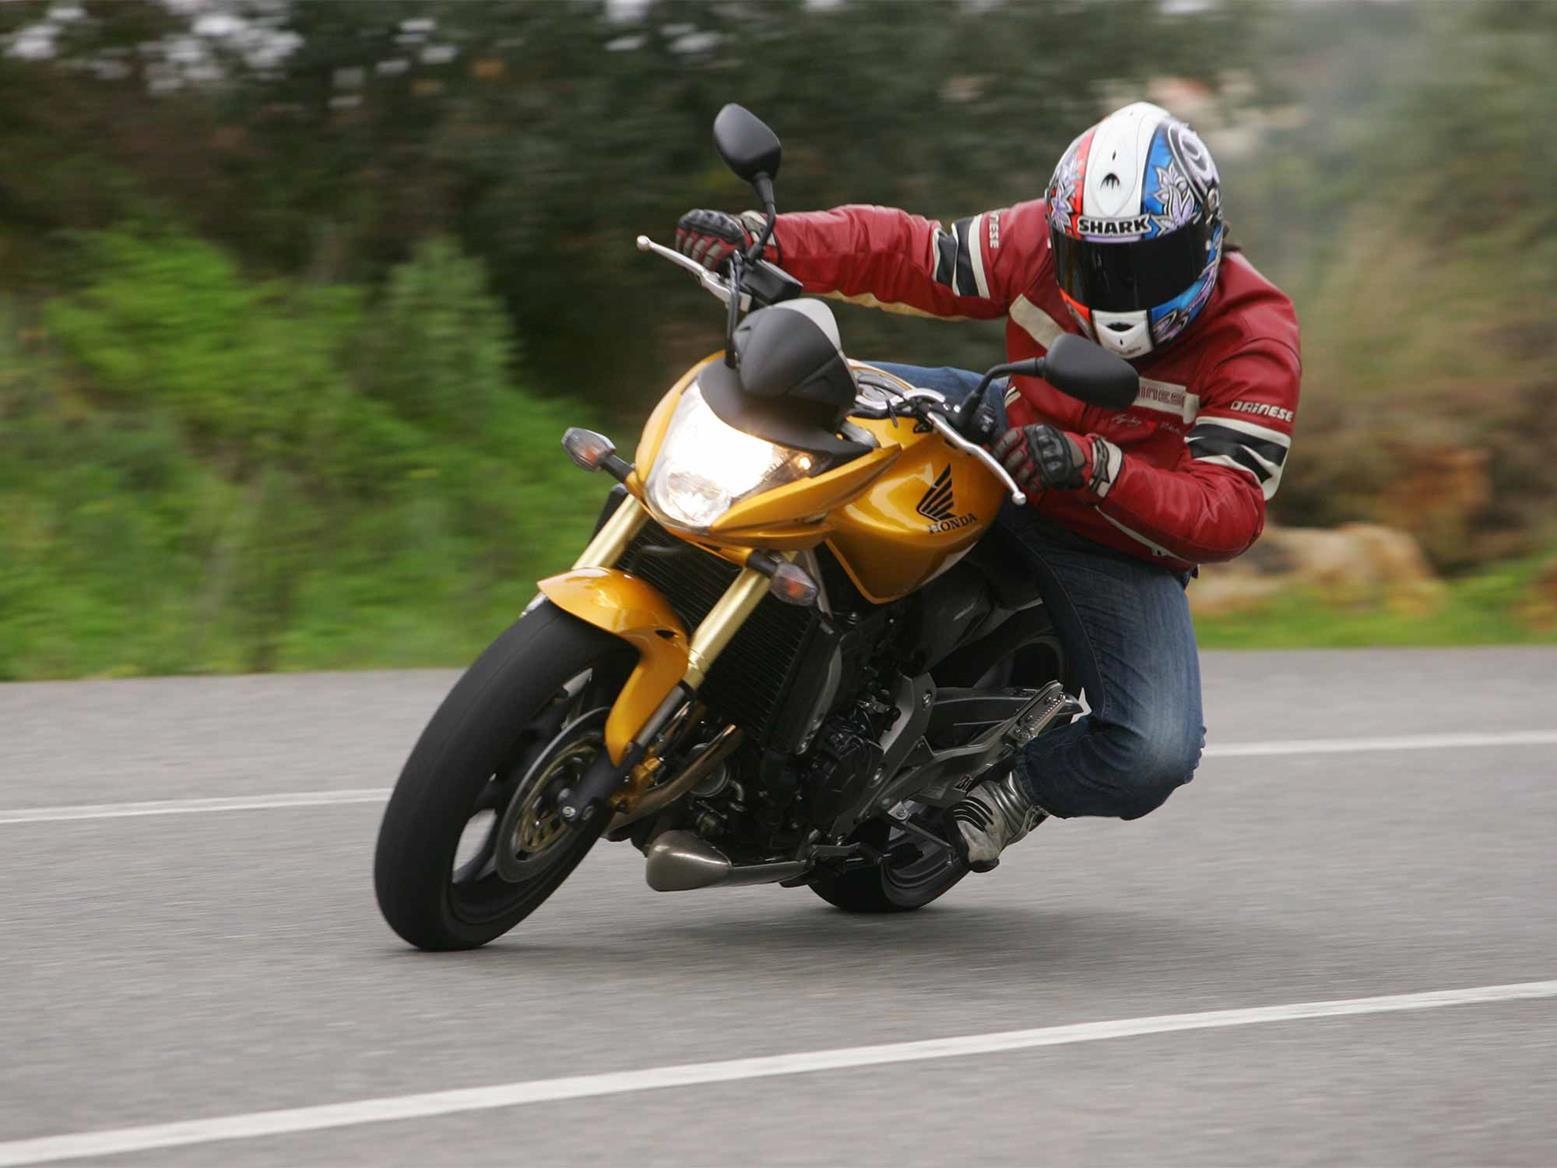 The 2007 Honda CB600F Hornet in action